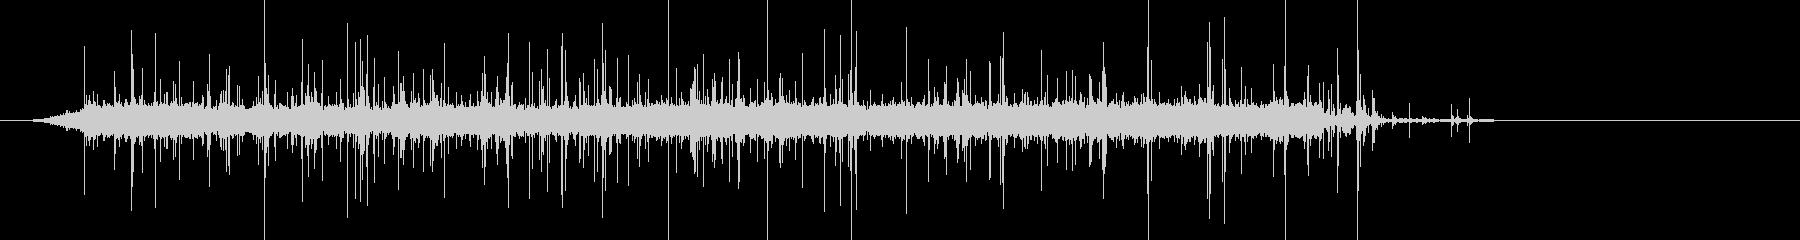 ジャー…ピチョピチョ、水道水を流す音の未再生の波形